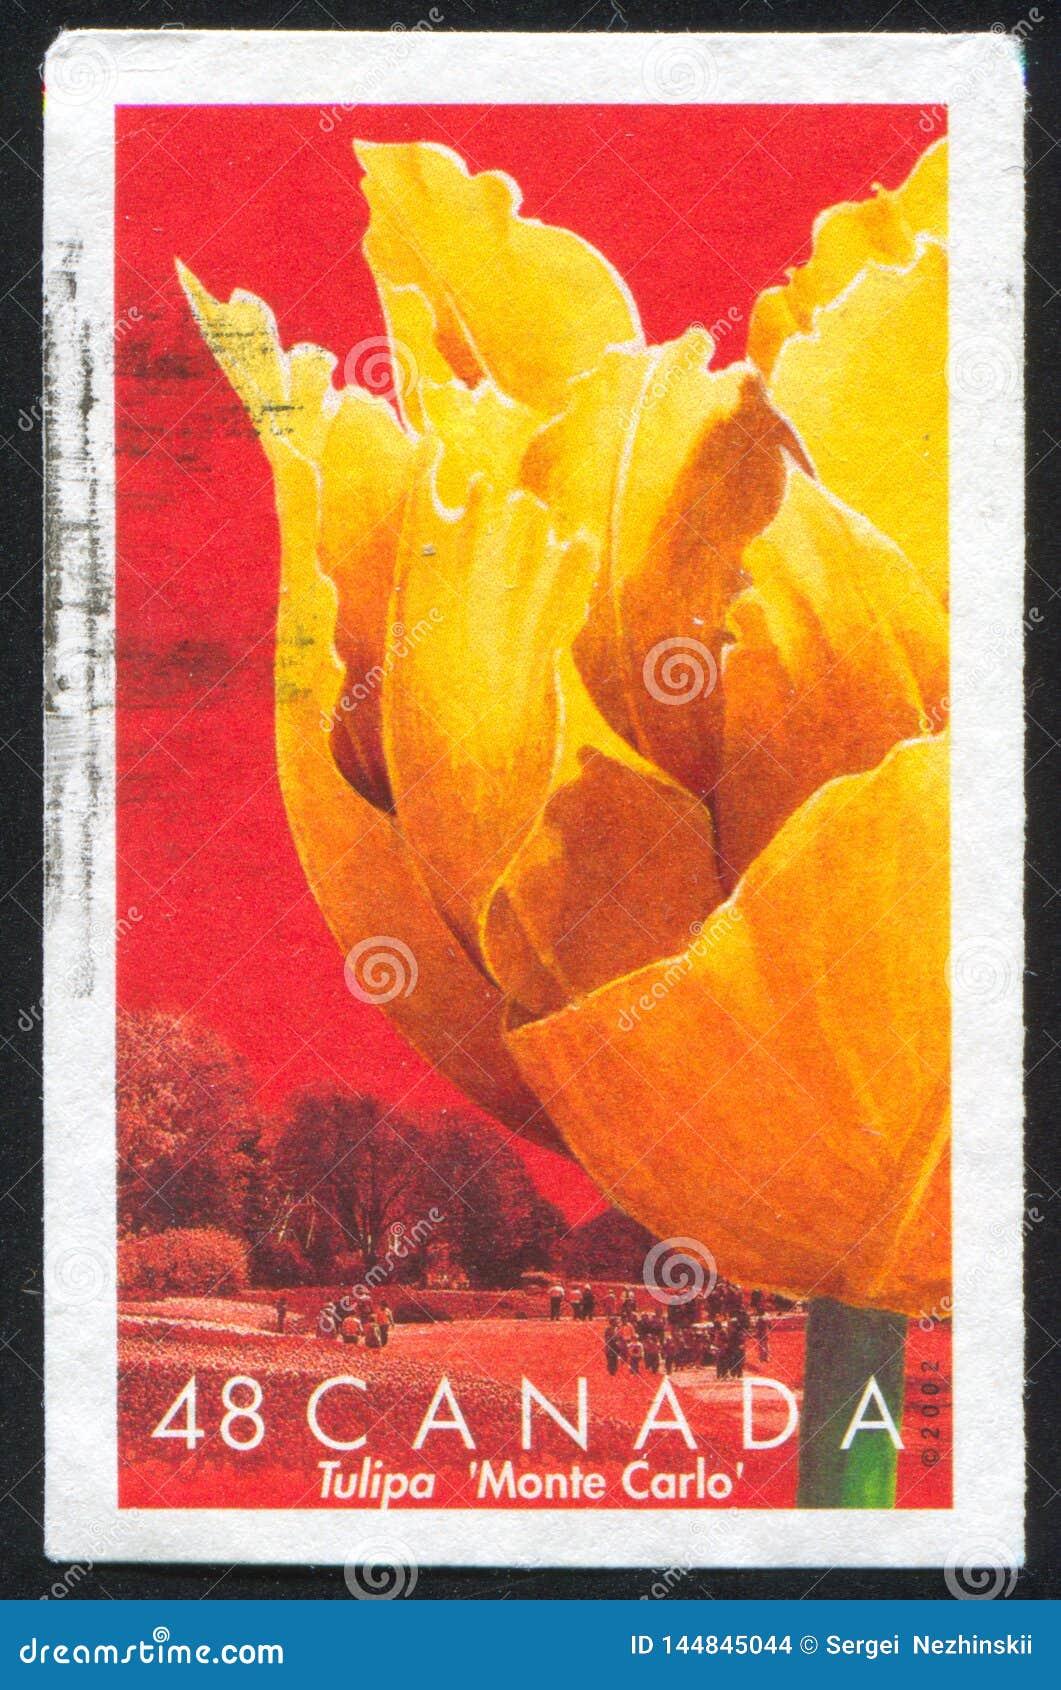 Tulip Monte Carlo